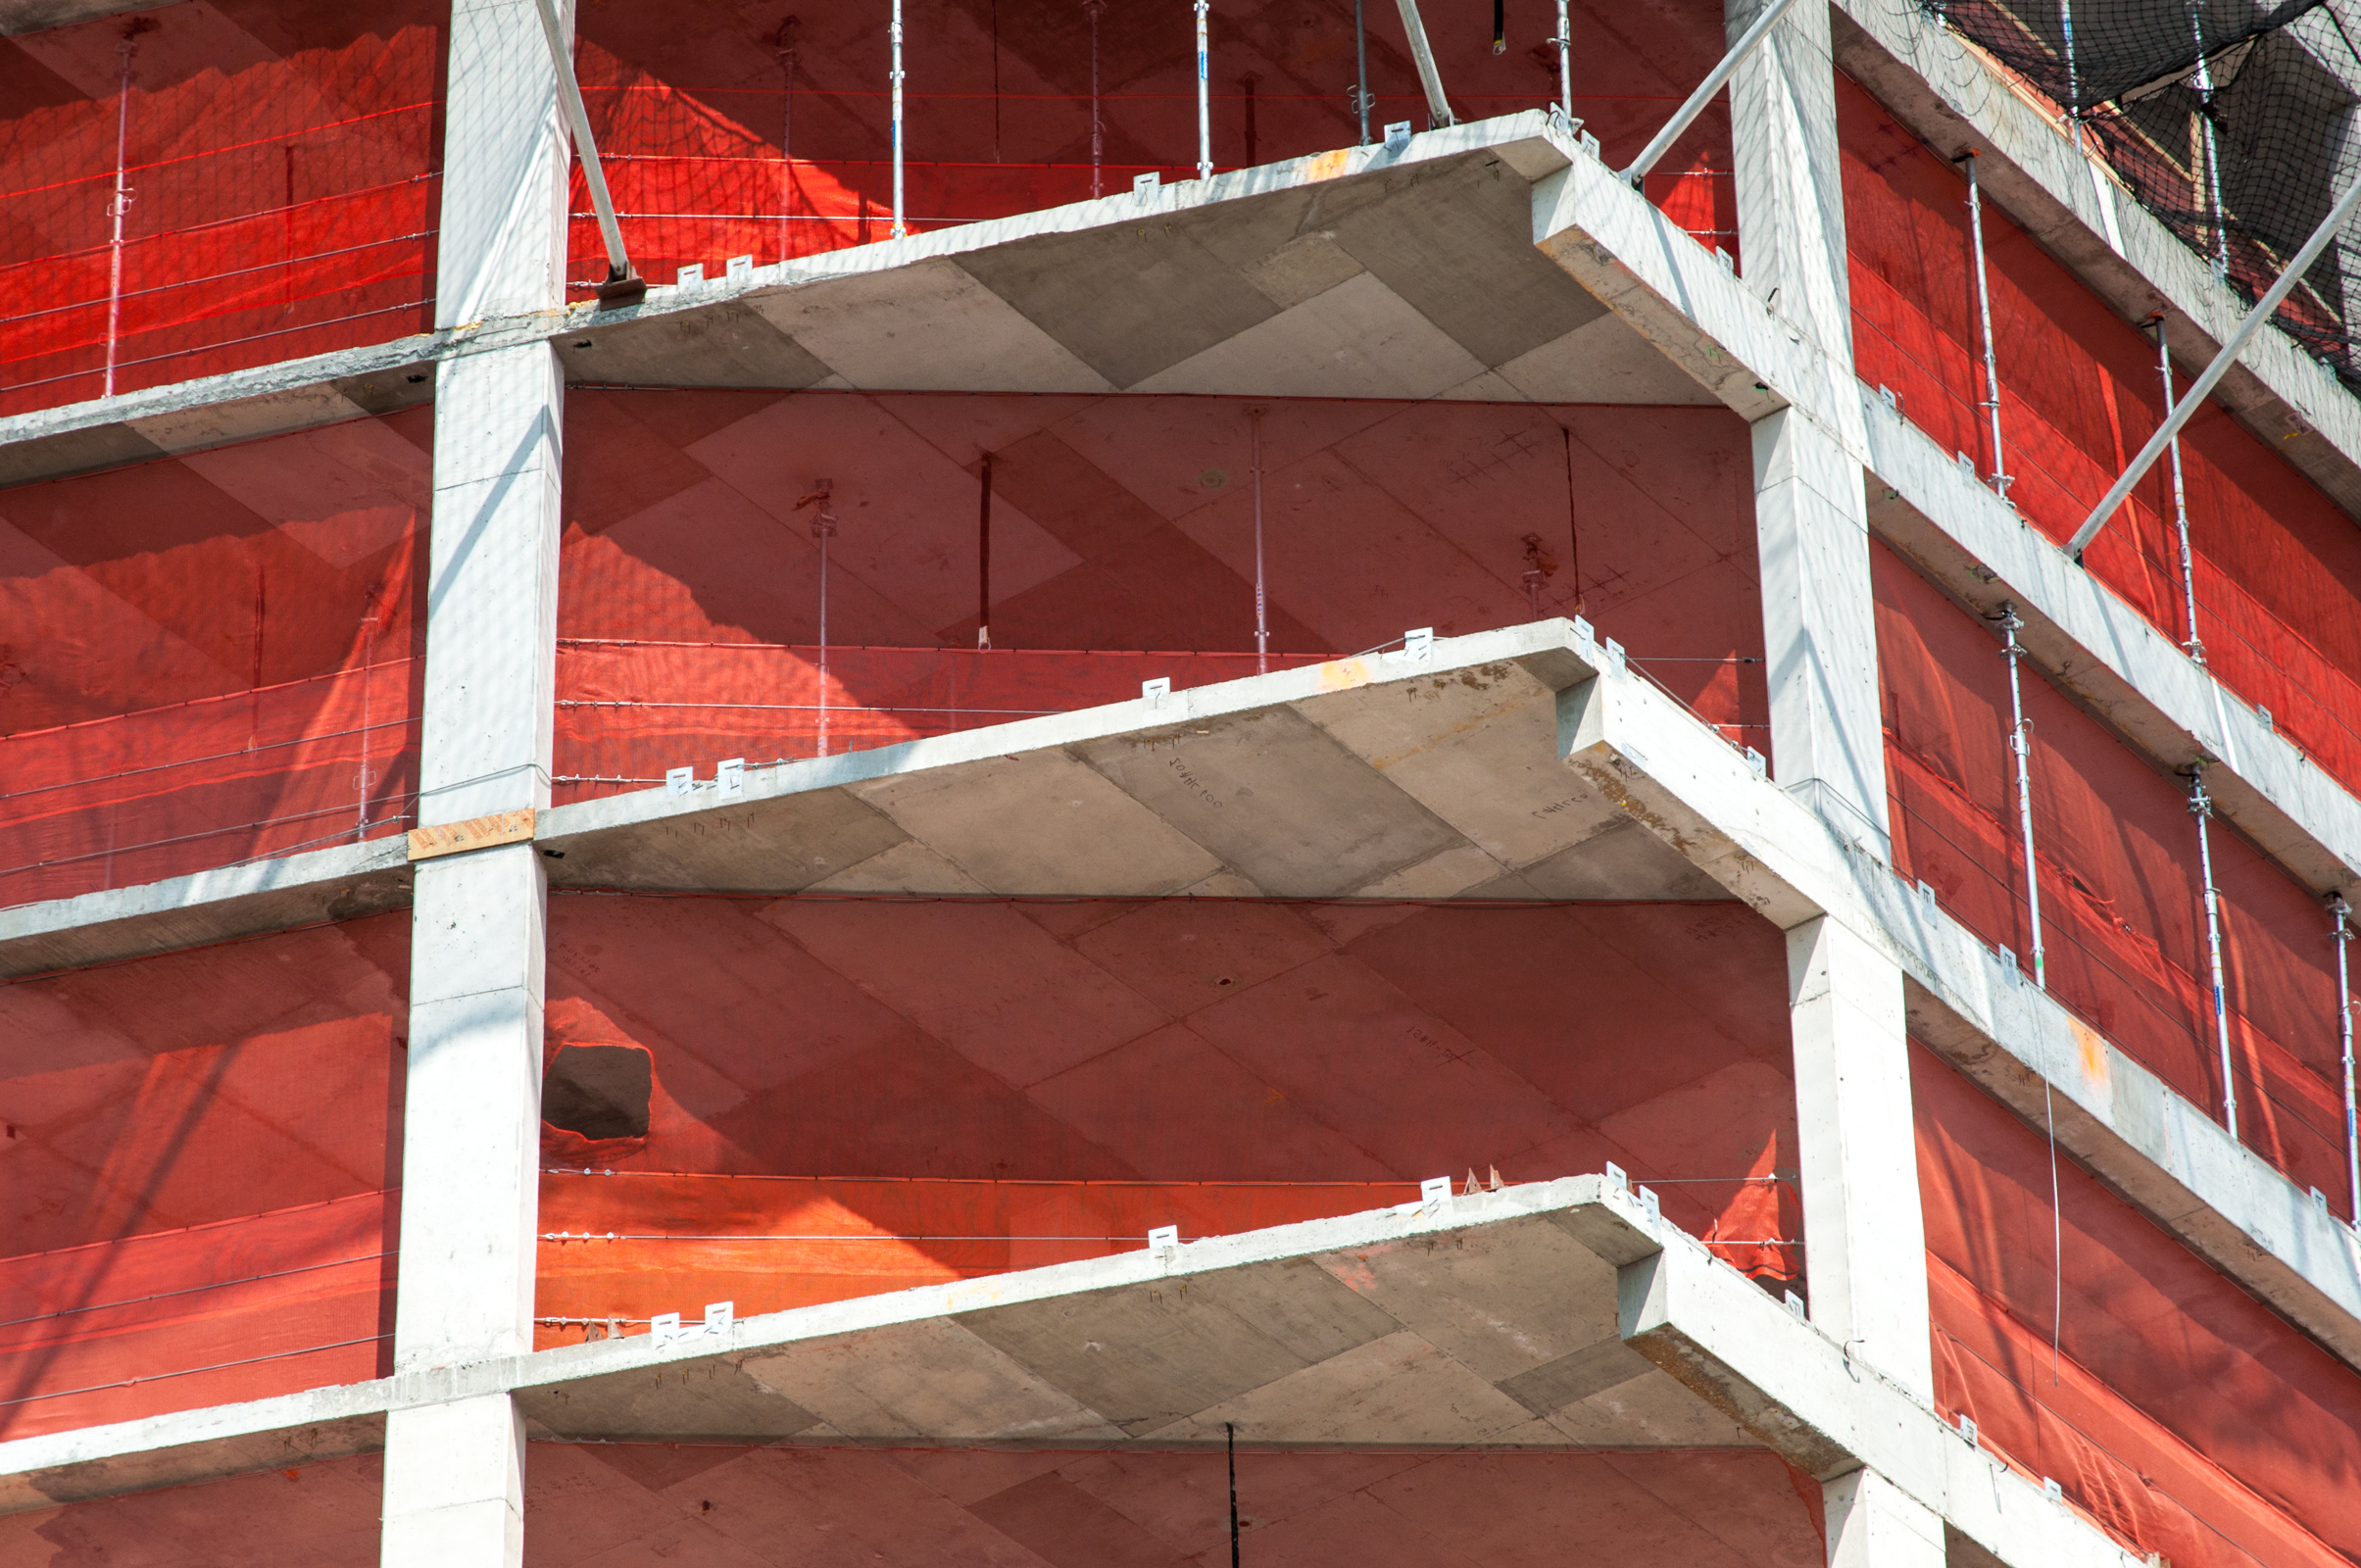 Tower corner detail.